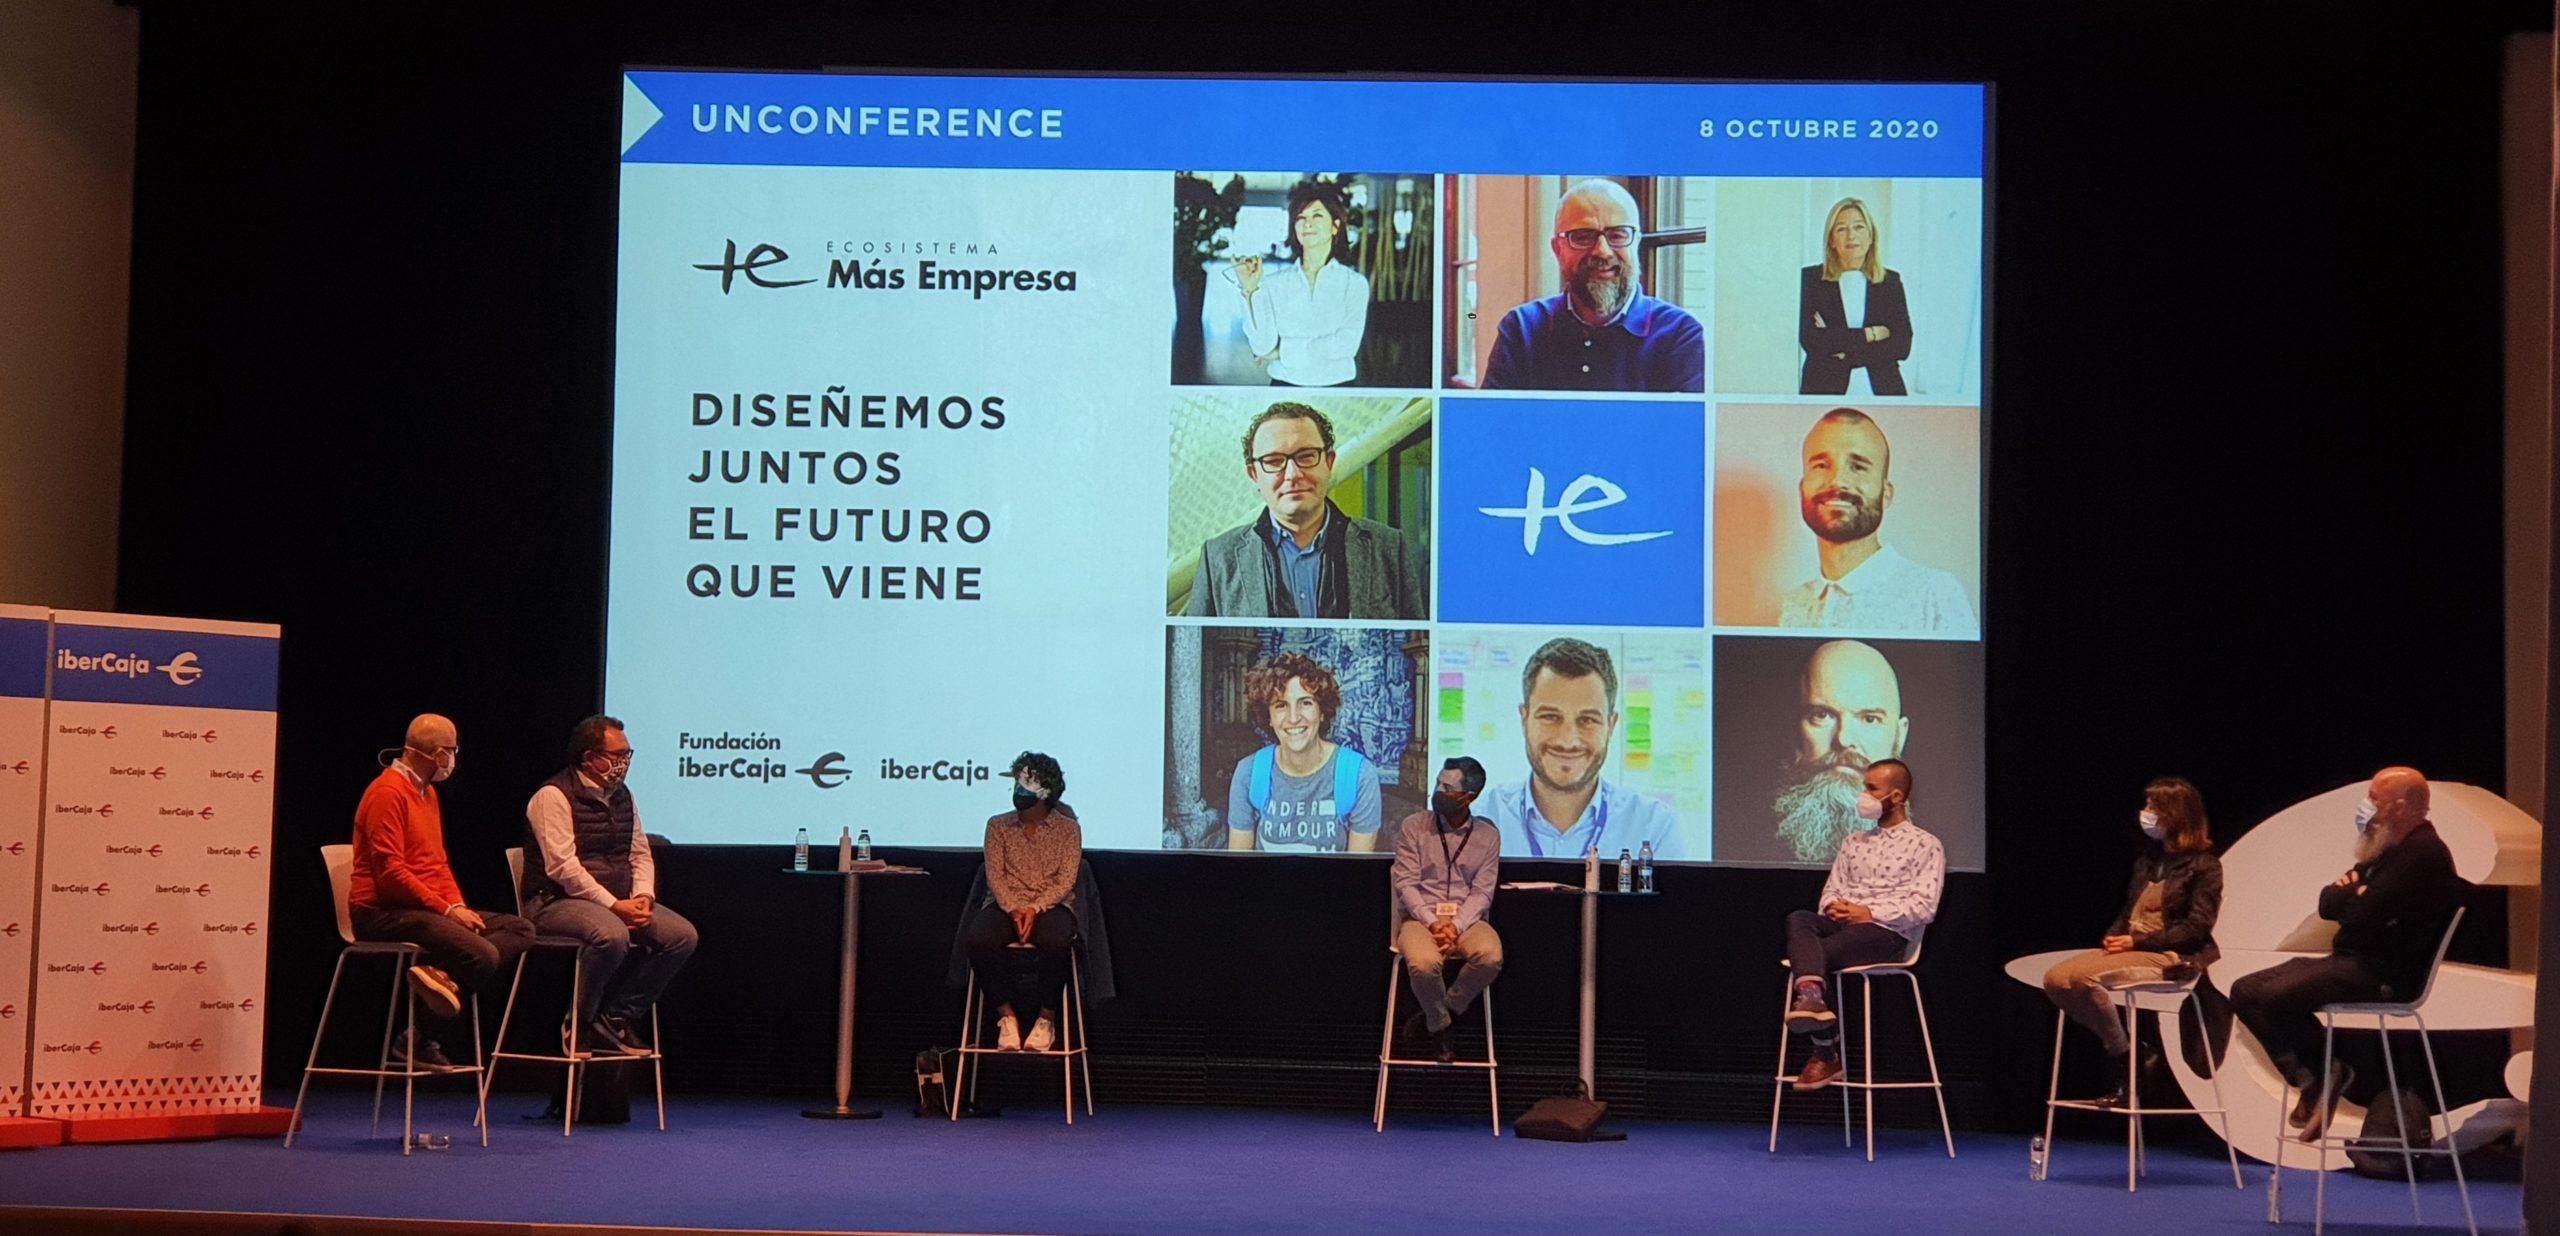 Unconference del ecosistema Más Empresa de Ibercaja coordinado por MIT Comunicación Estratégica